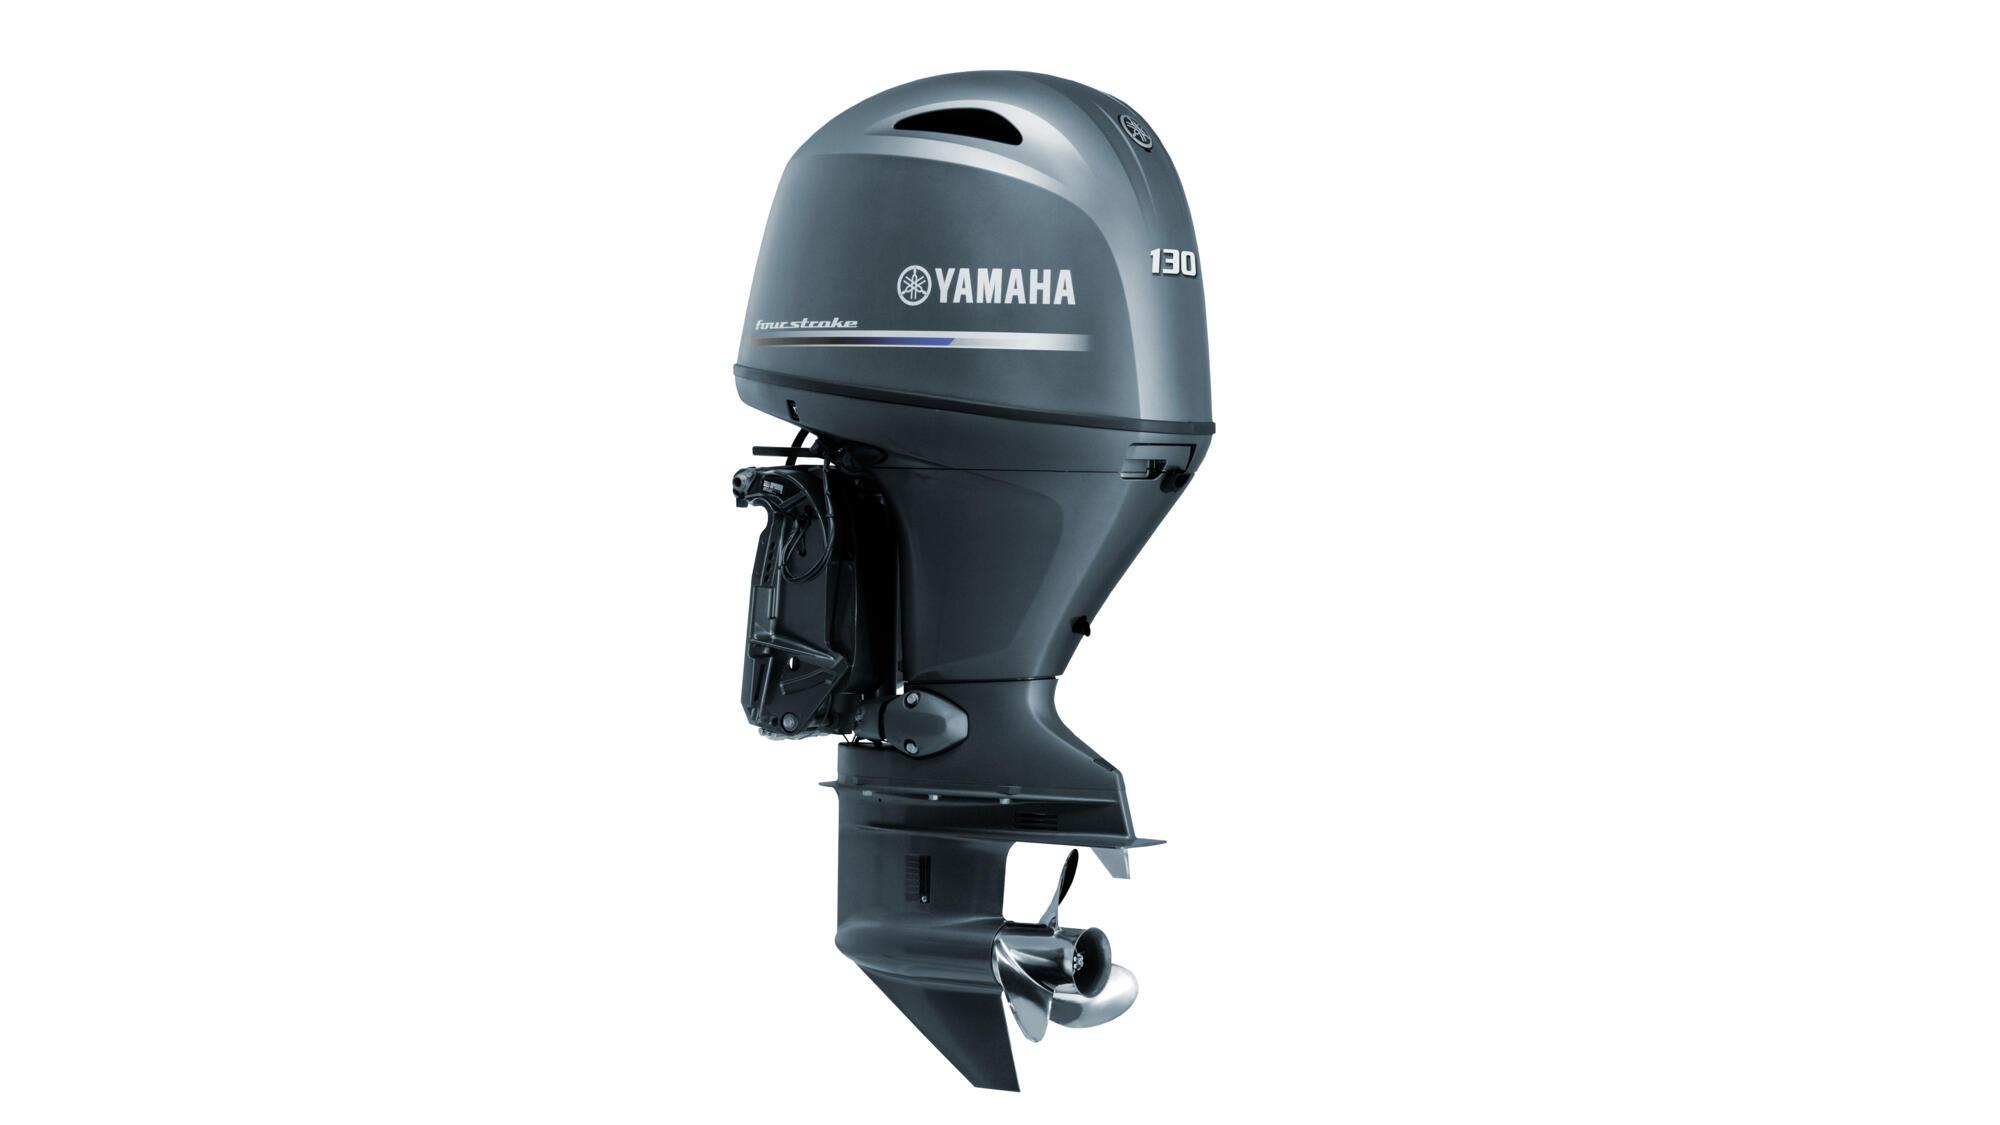 Yamaha F130